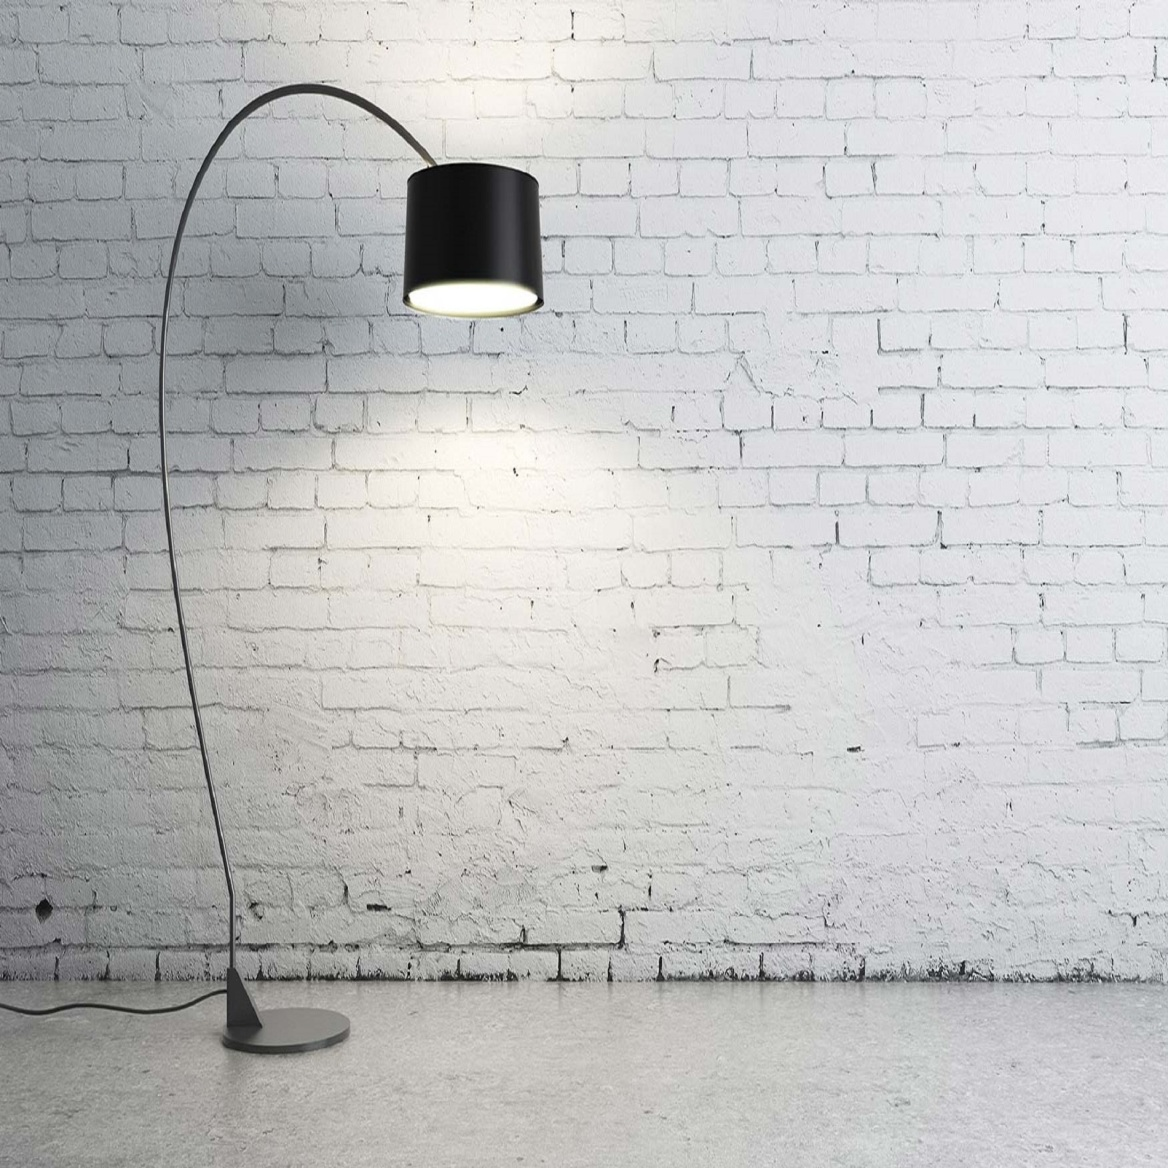 pexels-floorlamp-112811